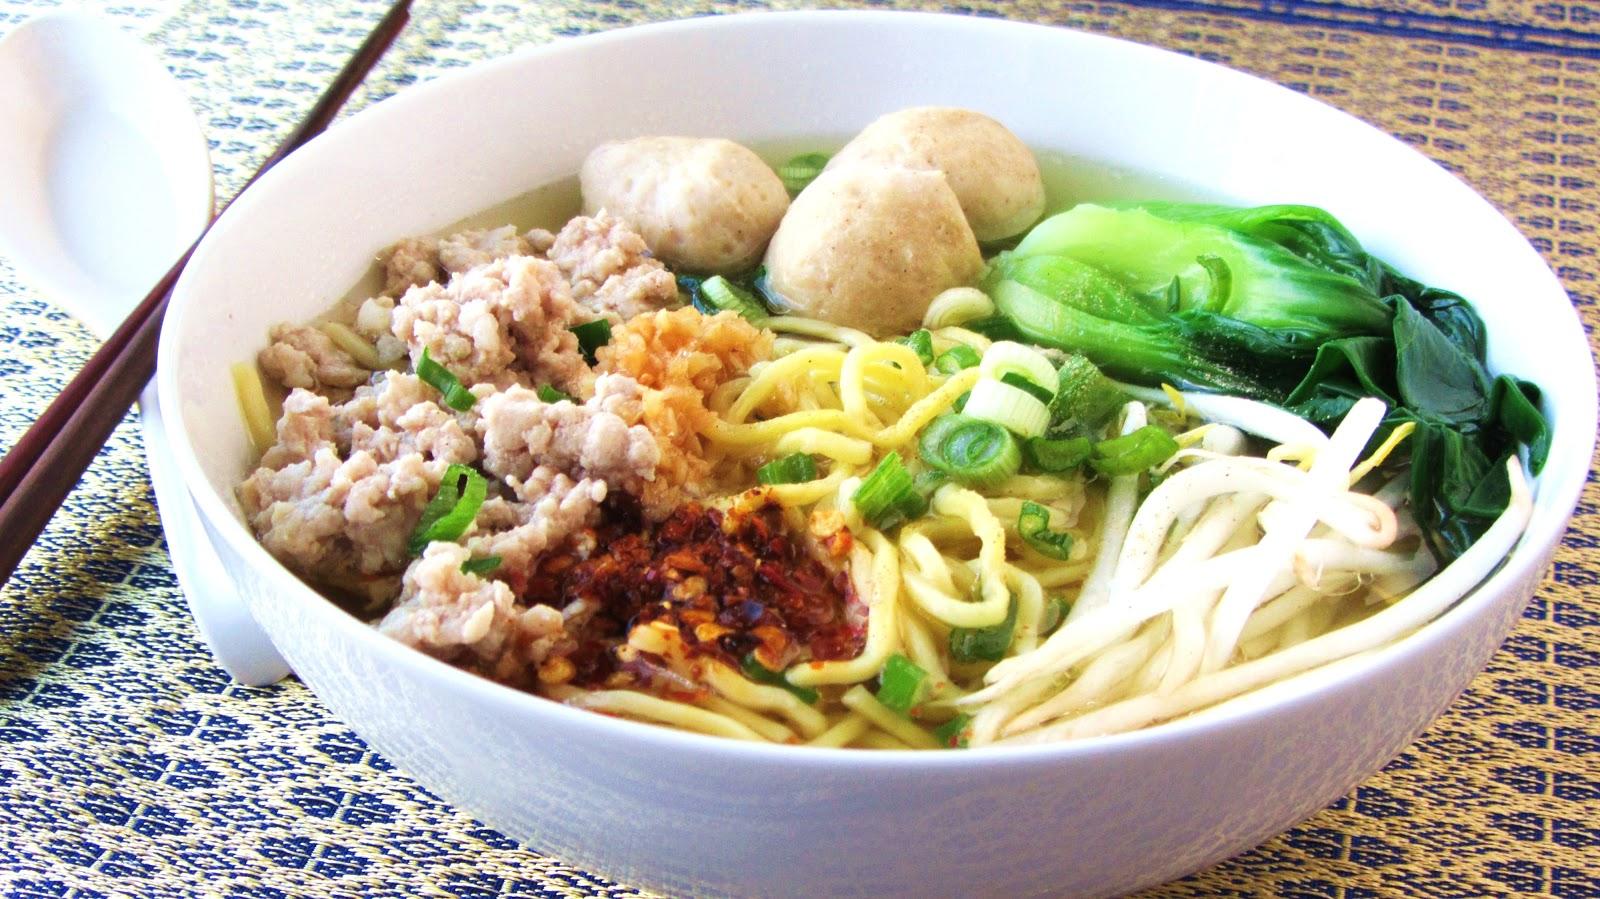 Let's eat.....simple!: Ramen Noodle Soup with Pork Meatballs